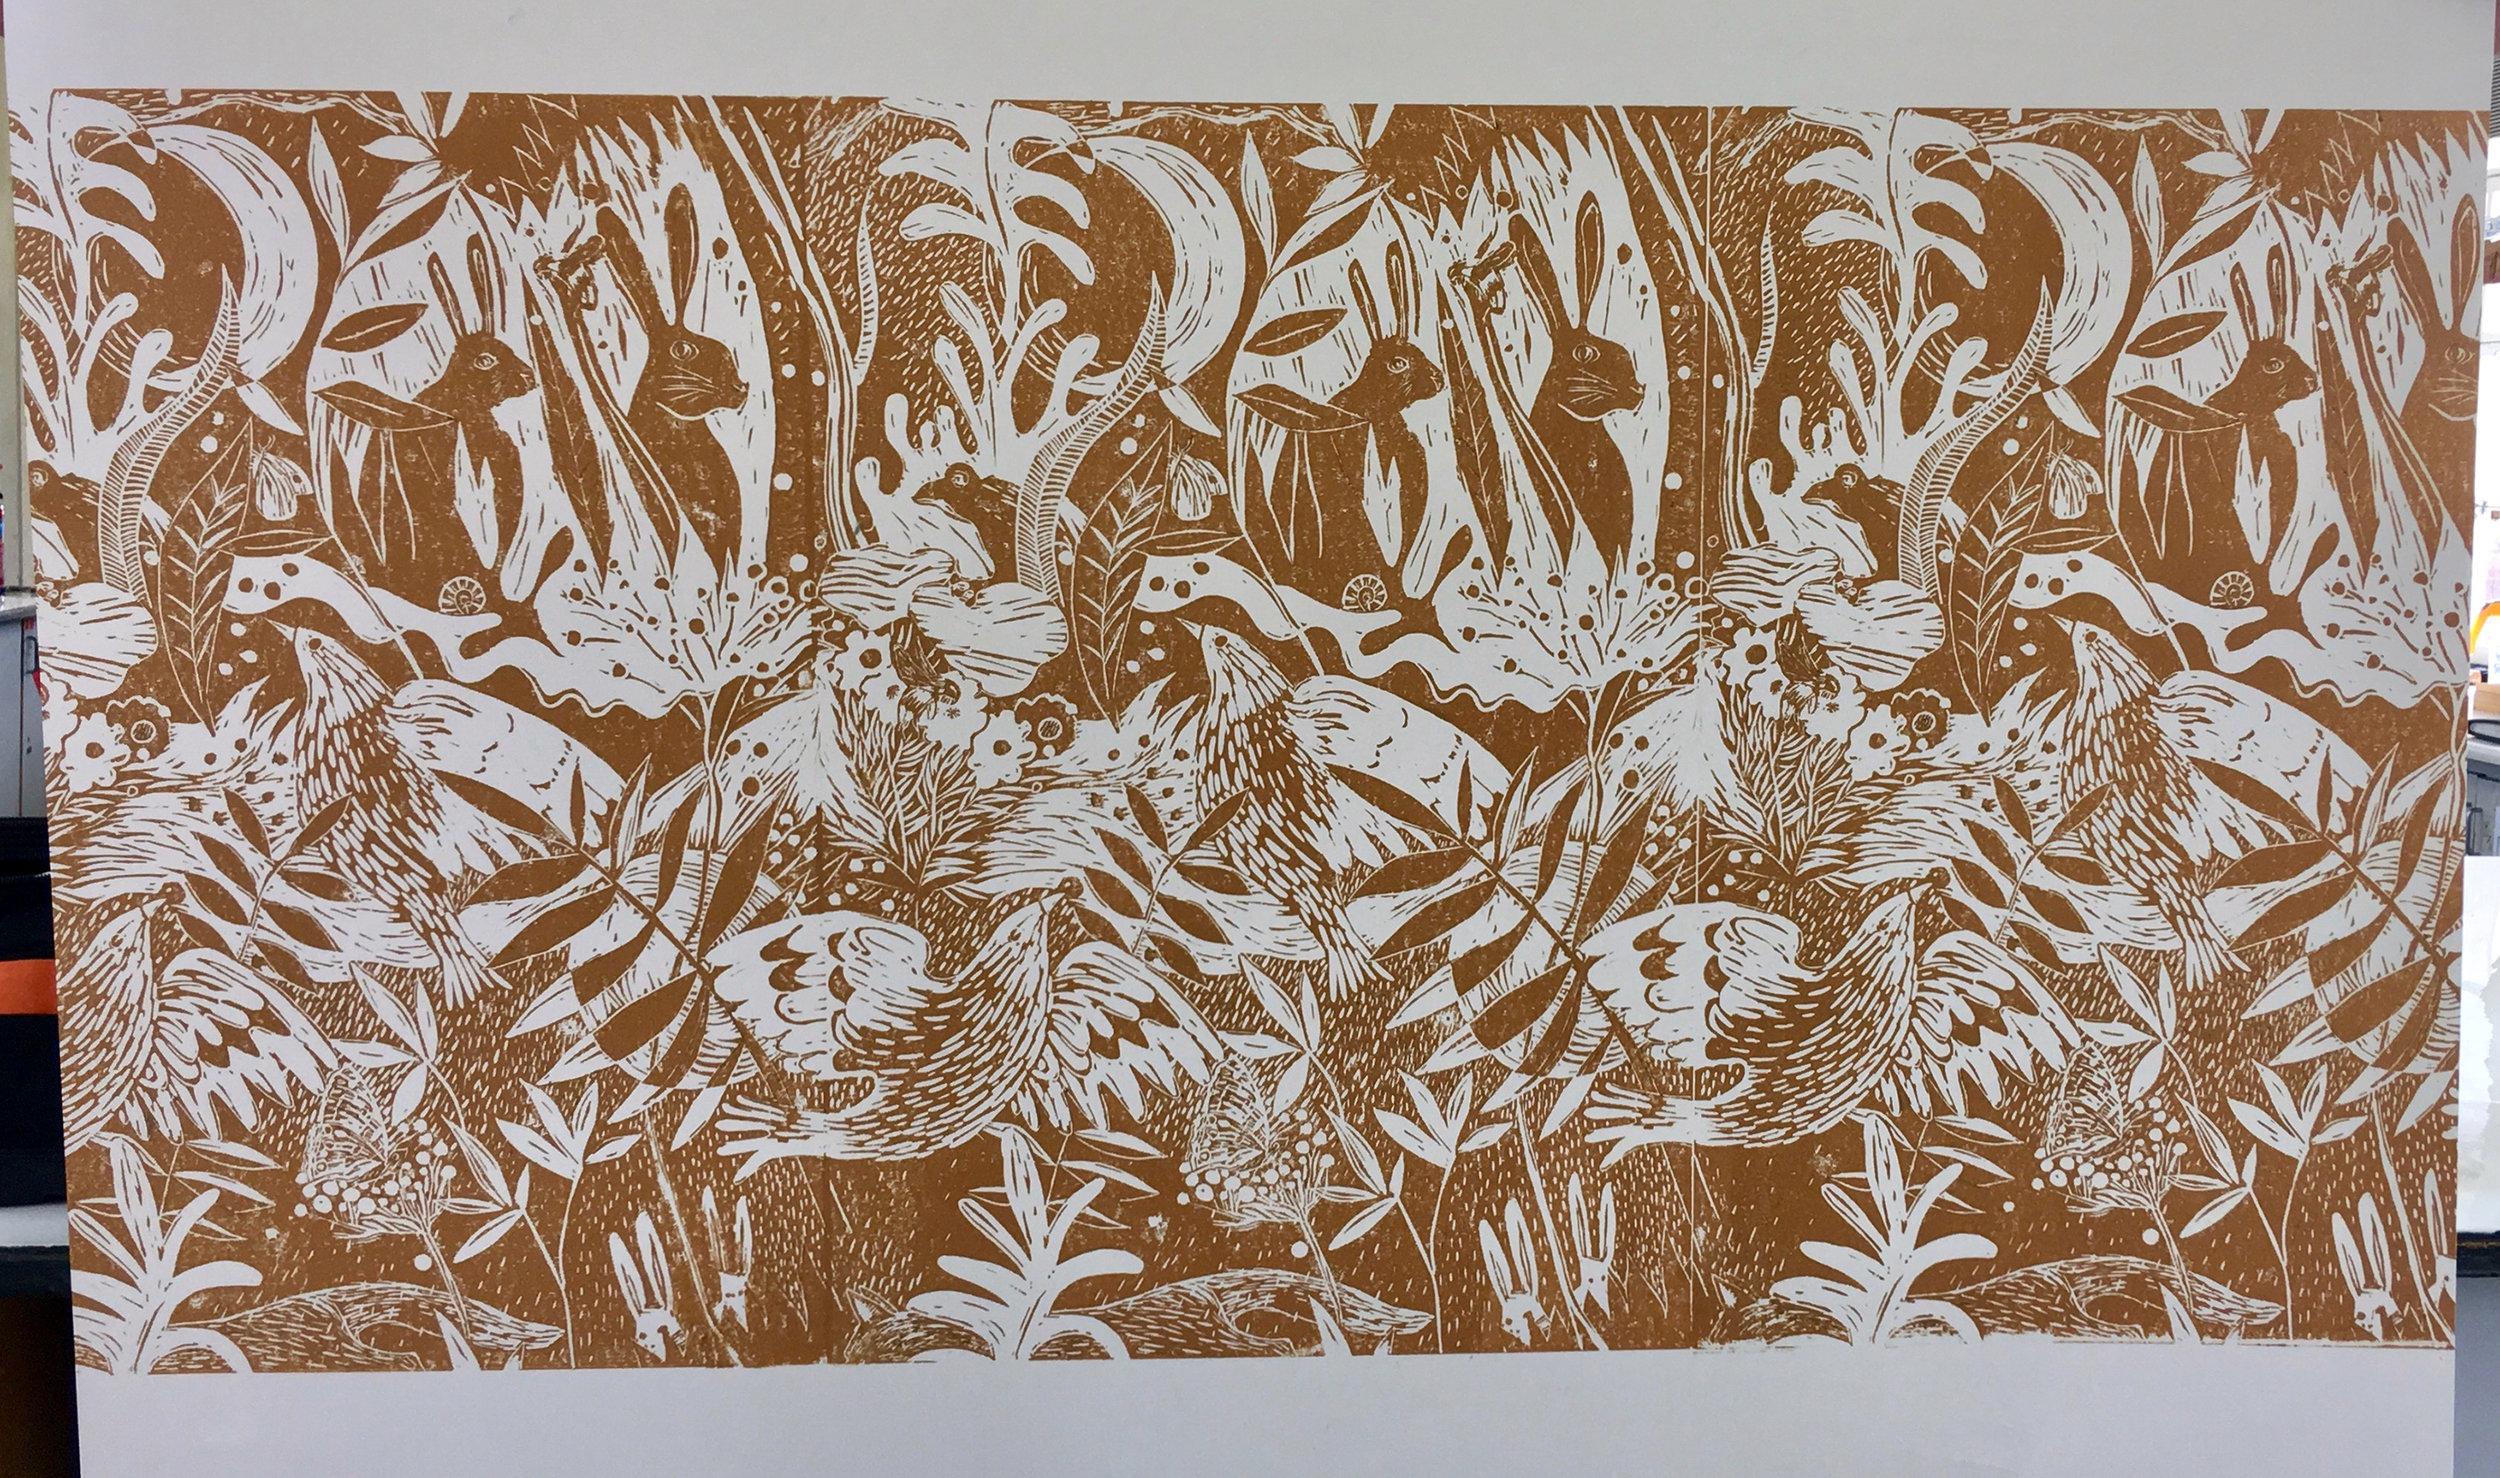 4. Birds and Rabbits Repeat by SARAH FALLA.jpg